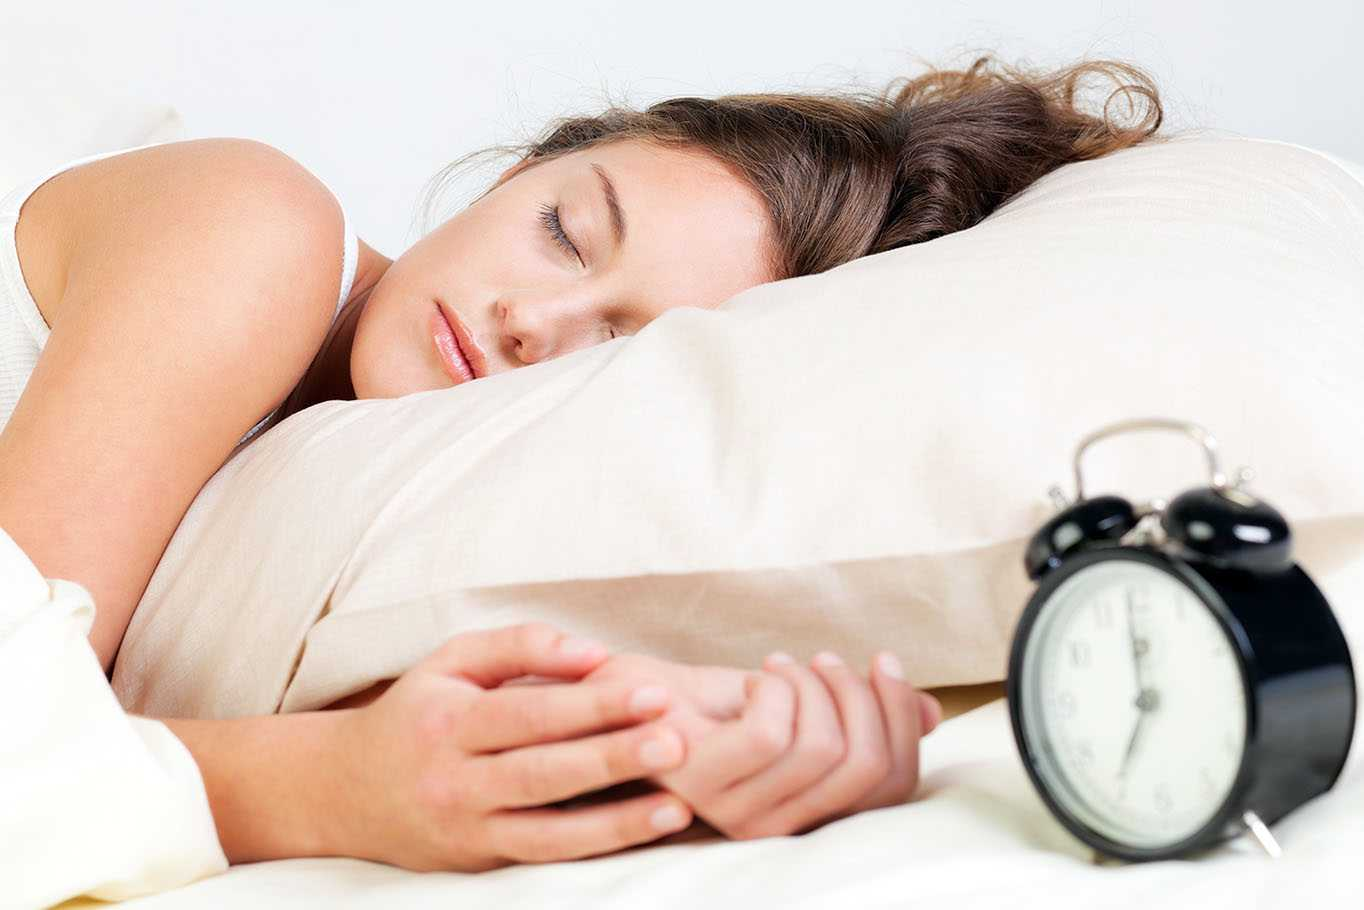 Люди, которые спят больше положенного, подвержены риску смерти после 60 лет